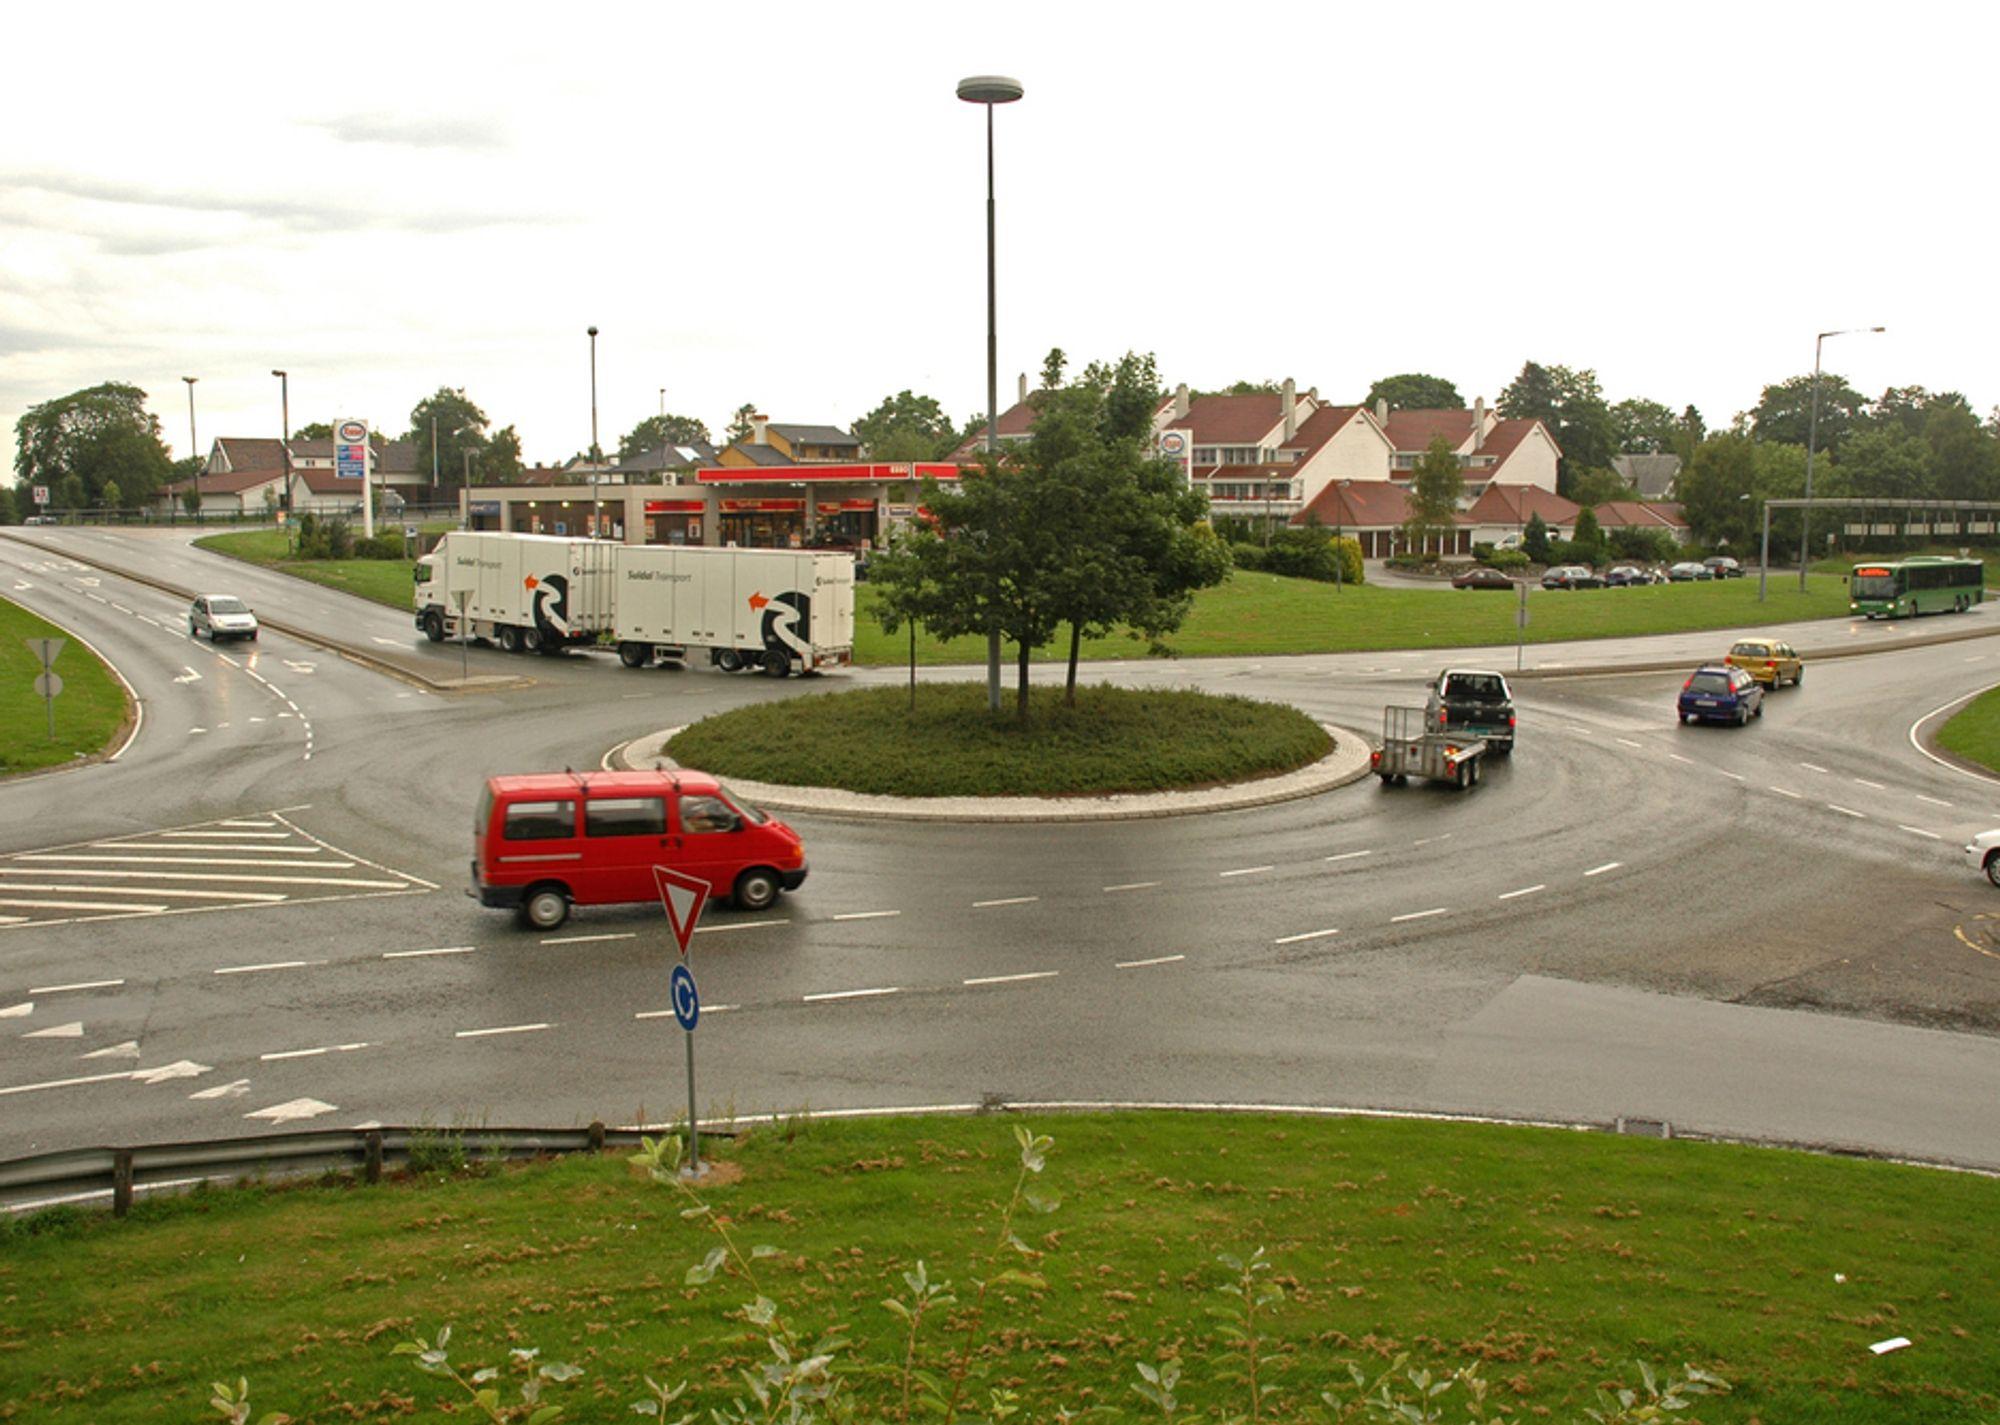 Å ta seg over Tjennsvollkrysset for egen kraft kan være ganske tungvint, særlig for dem som skal krysse riksveg 509 i retning Stavanger, som går ut av bildet øverst til høyre. Når ringbrua er sluttet våren 2010, blir det mye enklere. (Foto: Anders Haakonsen)